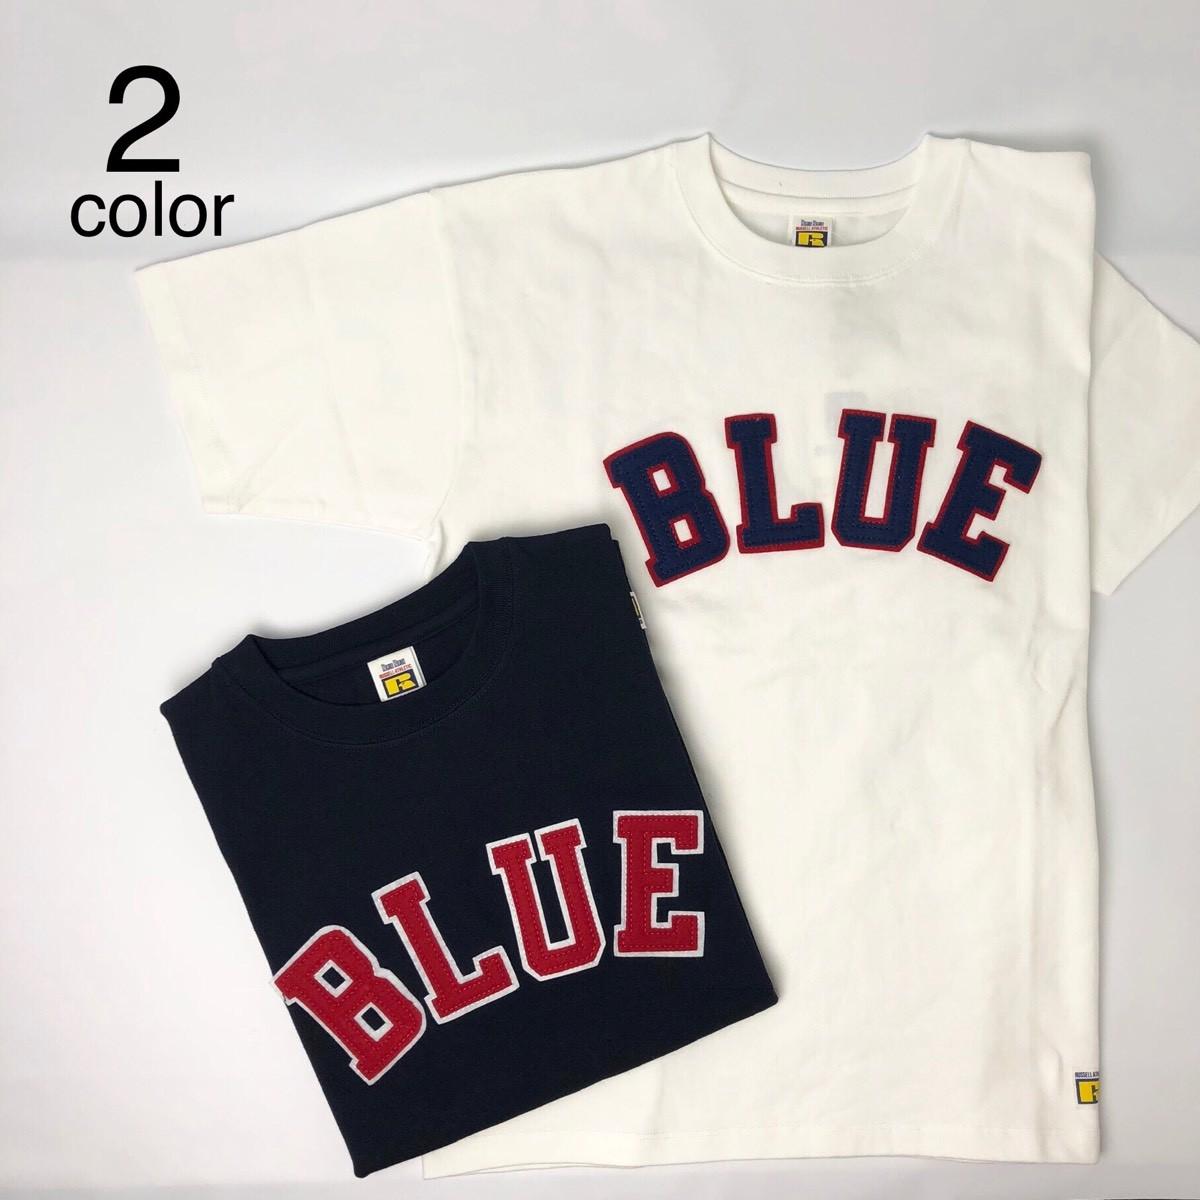 画像1: 【メンズ】ラッセル・ブルーブルー(RUSSELL・BLUEBLUE)RUSSELL・BLUE BLUE BLUEパッチTシャツ (1)